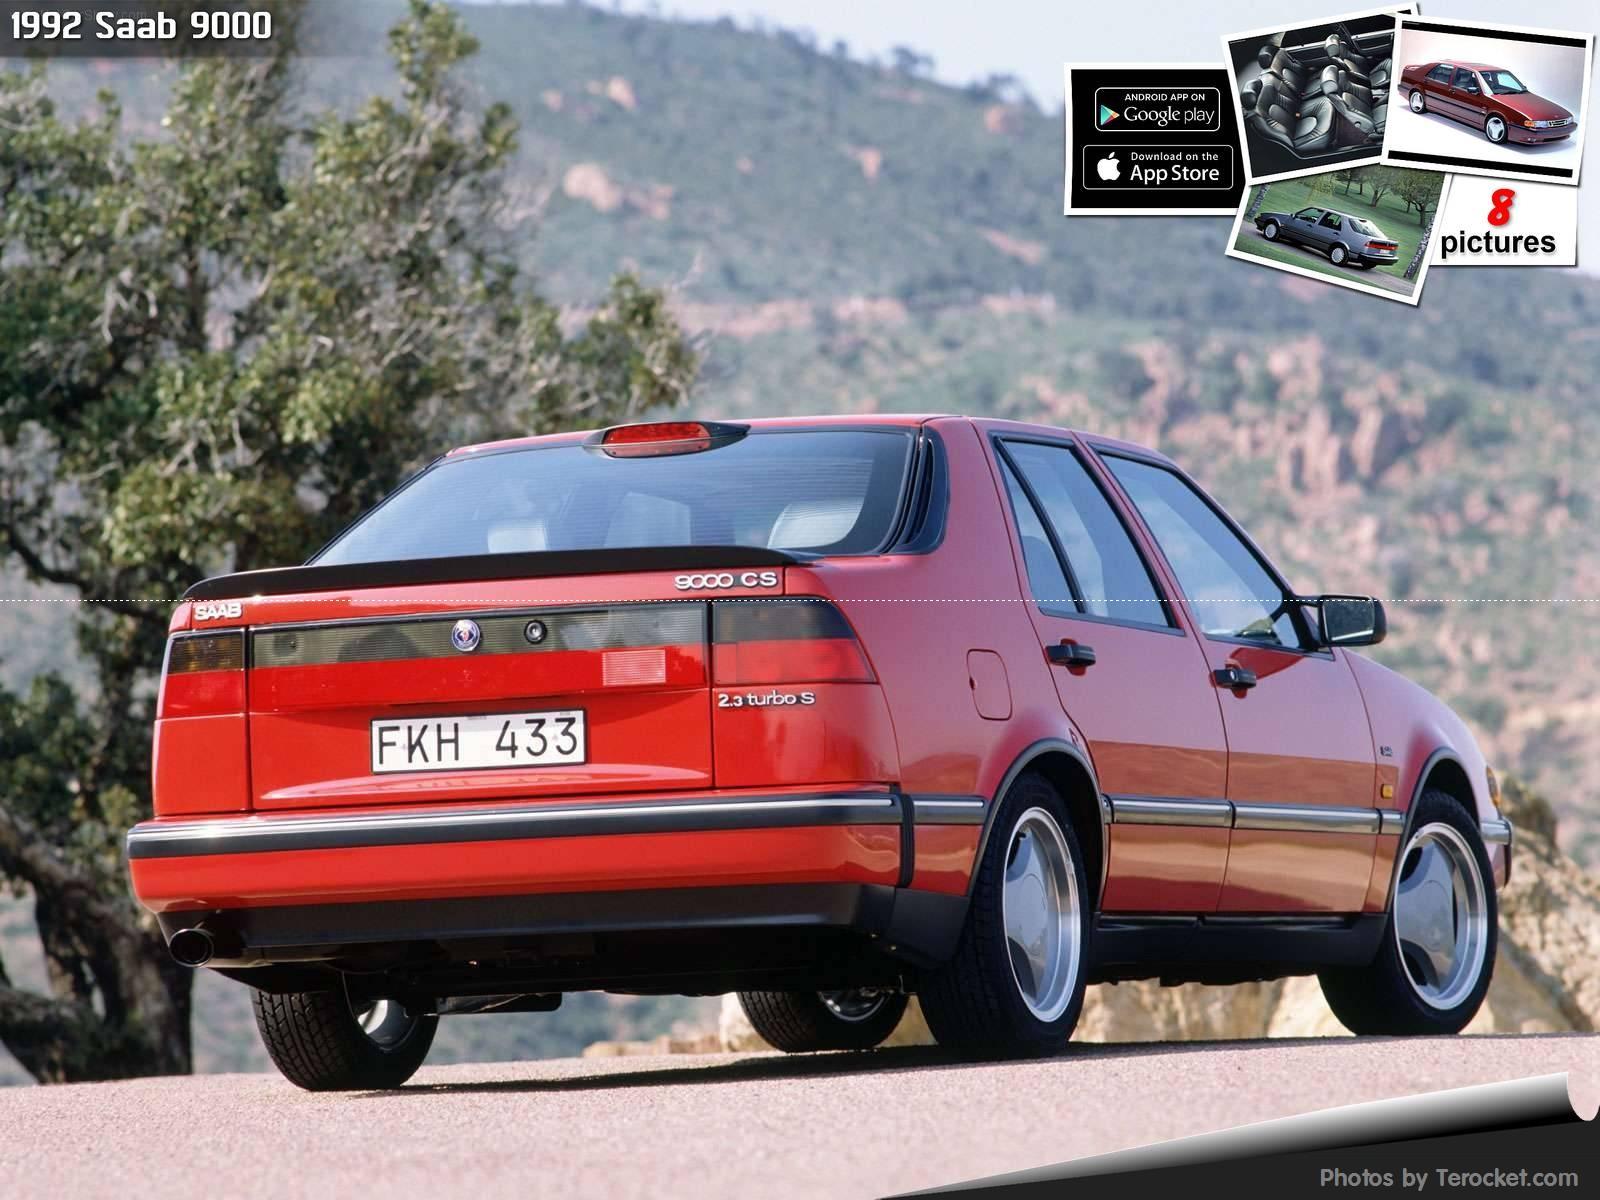 Hình ảnh xe ô tô Saab 9000 1992 & nội ngoại thất